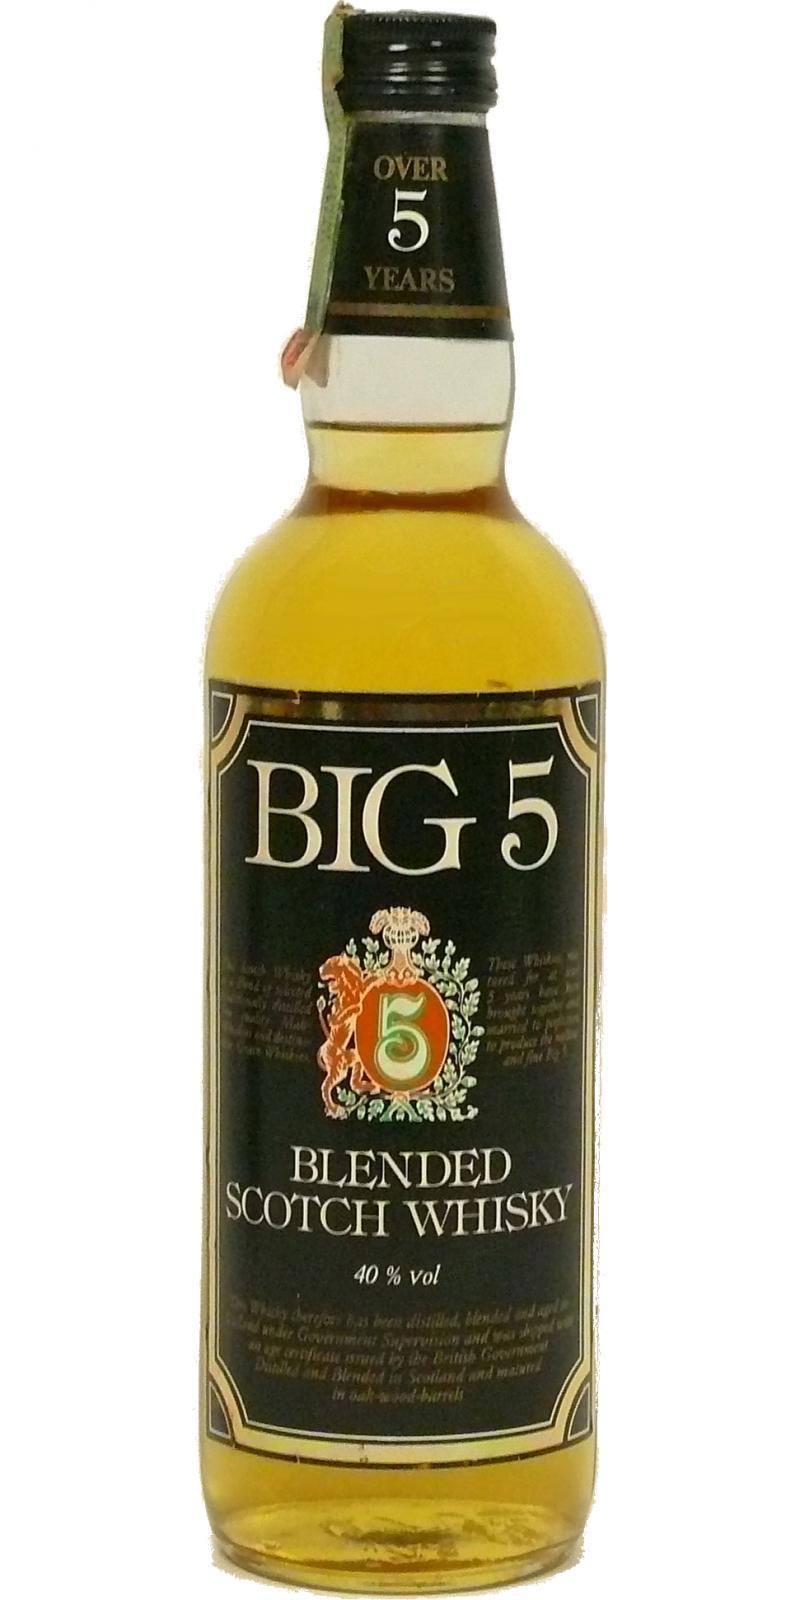 Big 5 05-year-old